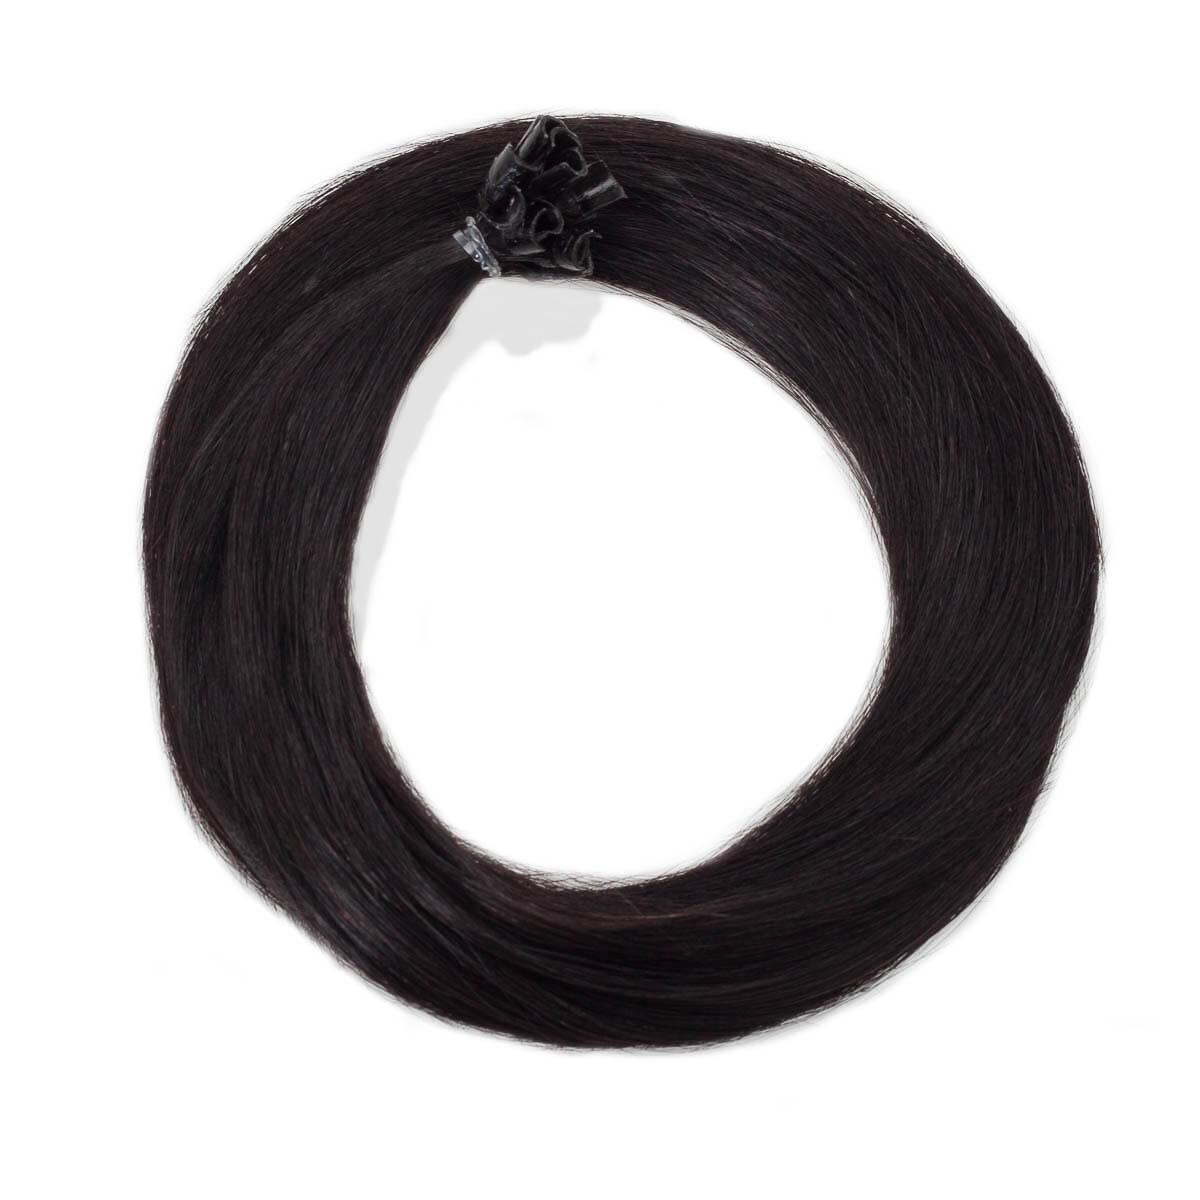 Nail Hair 1.2 Black Brown 50 cm